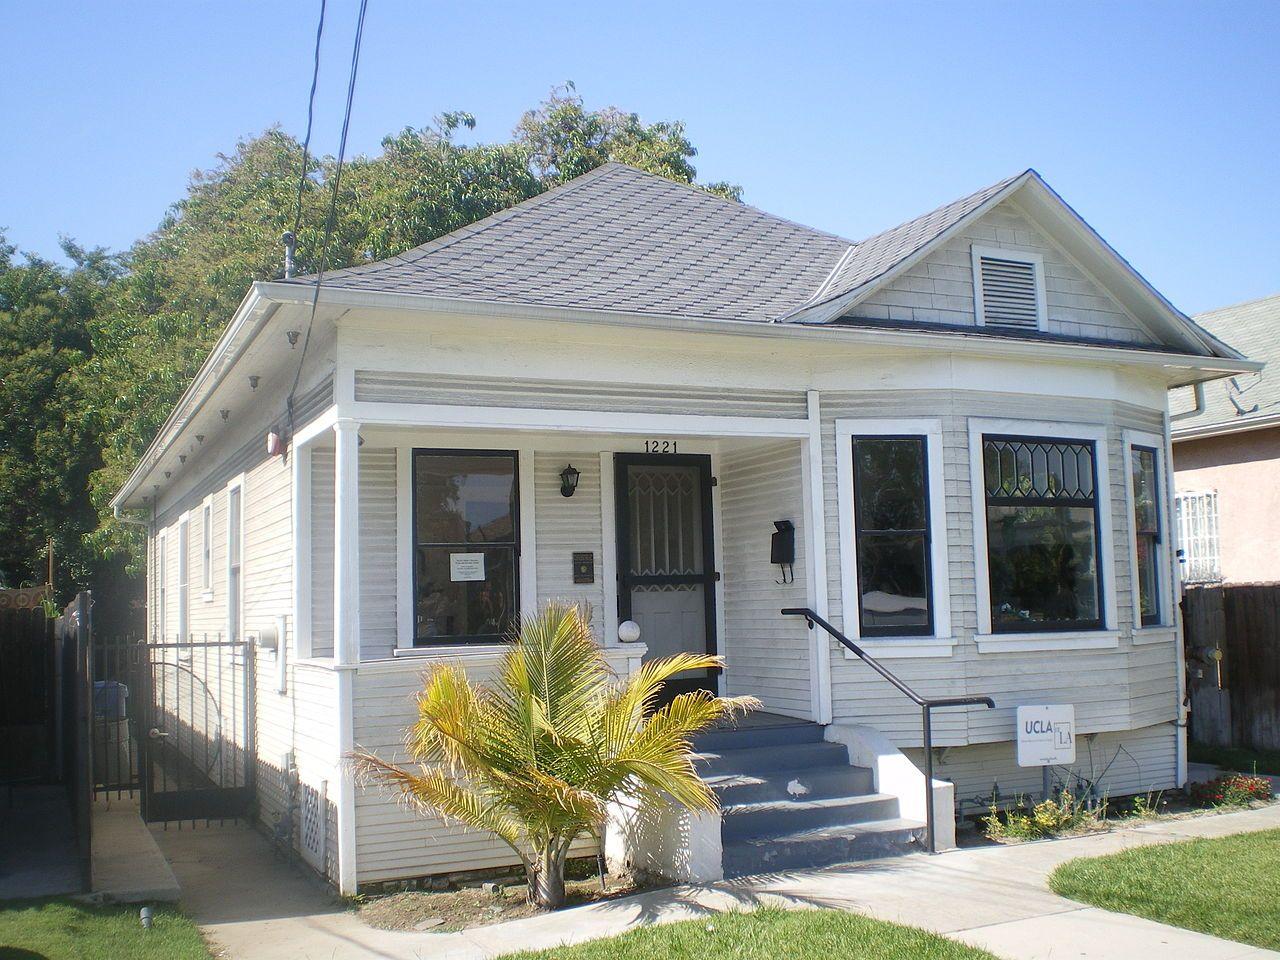 81c03f833e1081a25c572eb36f81834e - House For Rent By Owner In Bell Gardens Ca